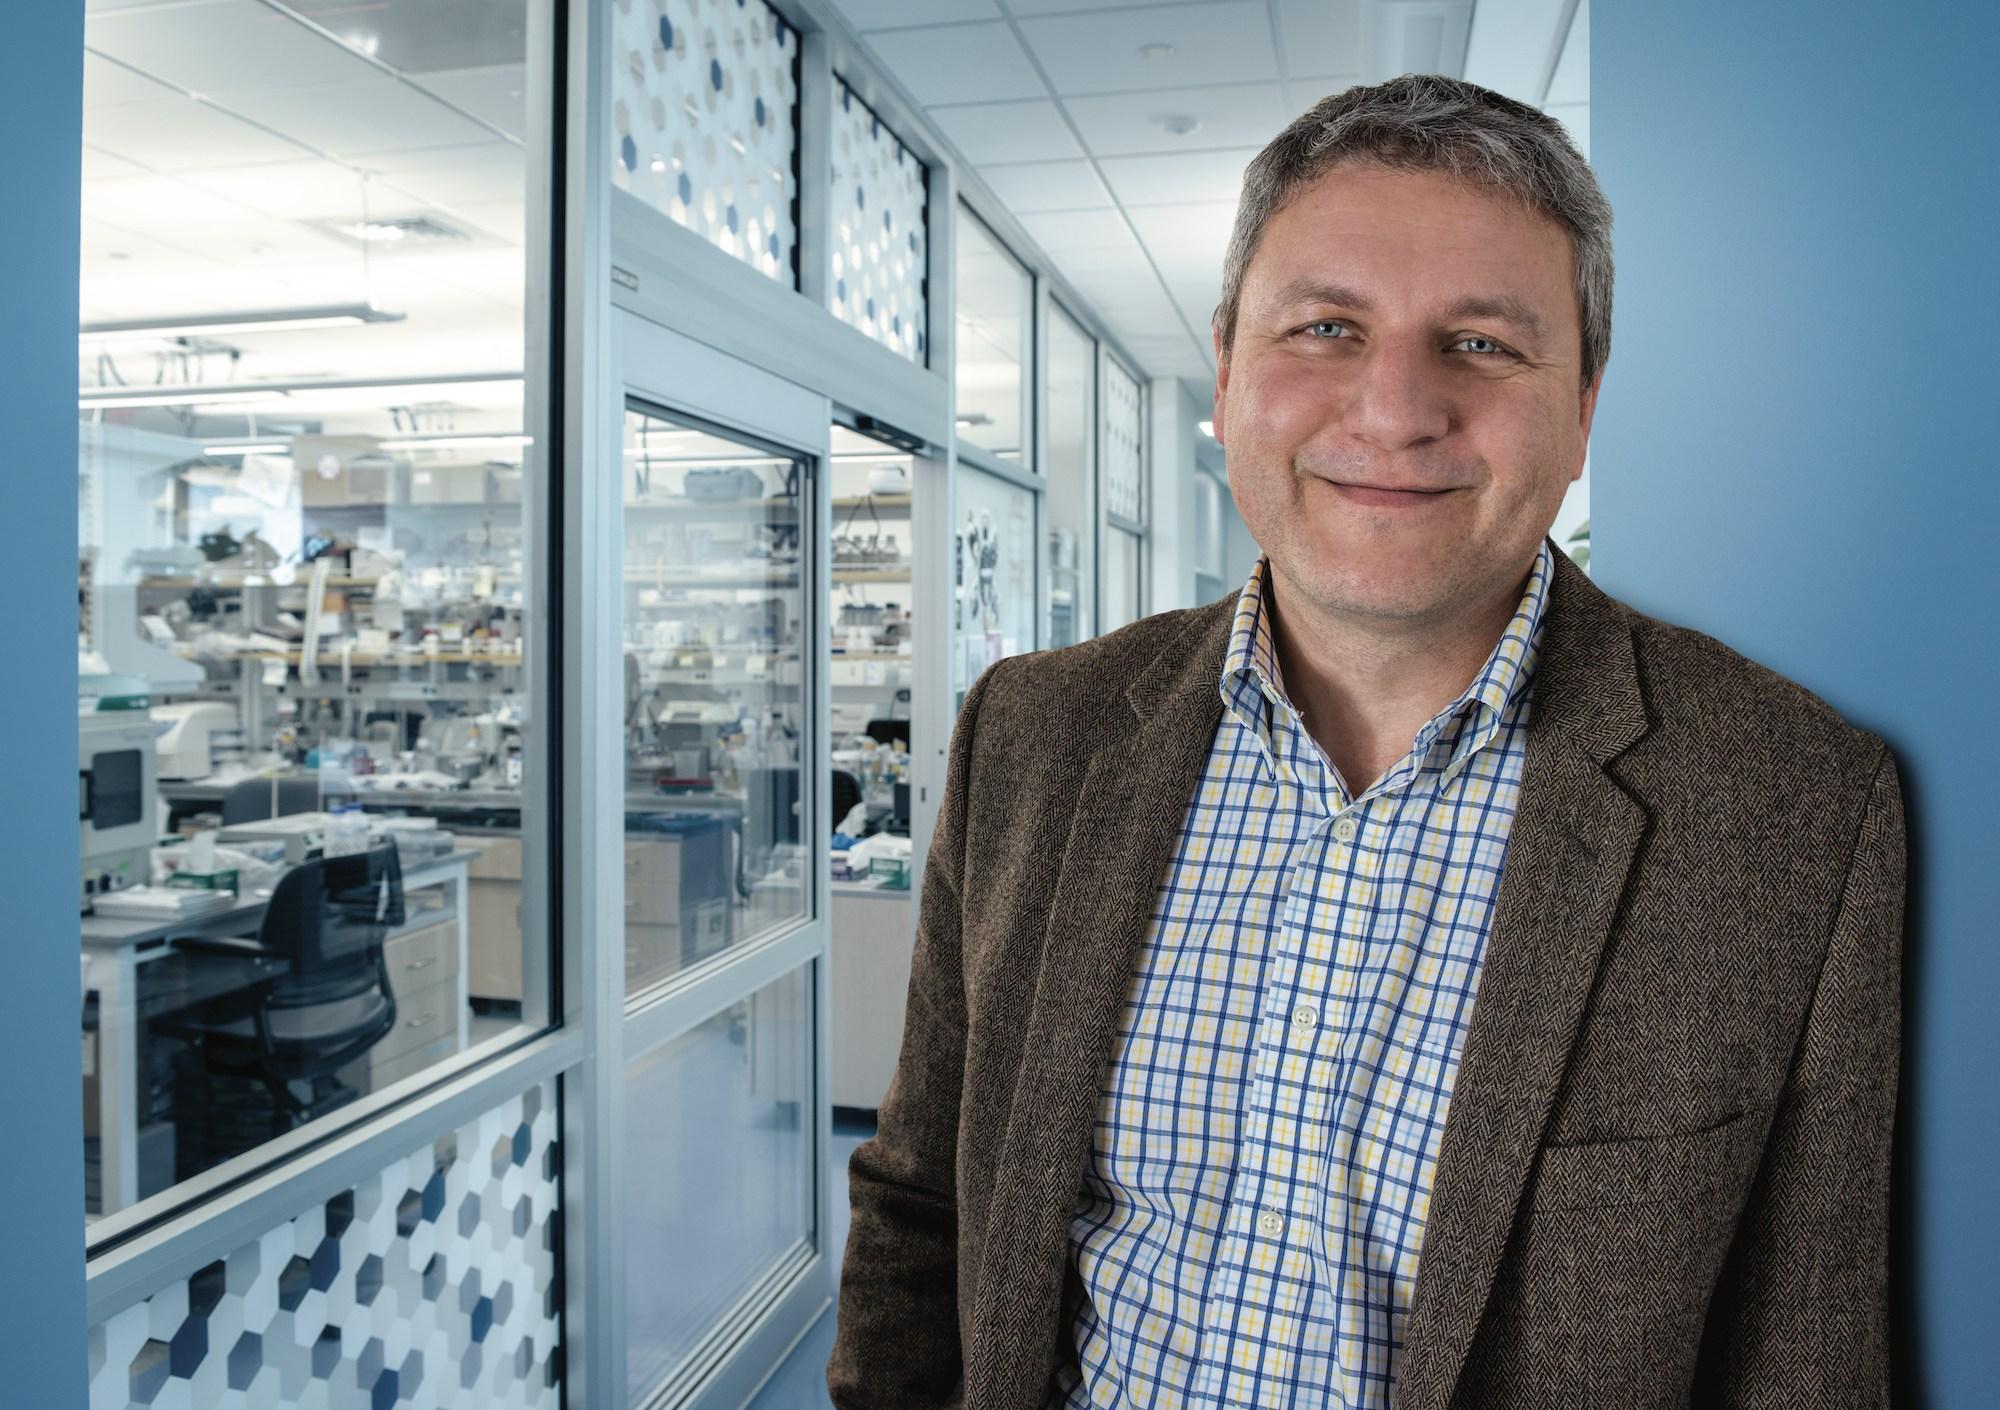 Andre Levchenko, PhD